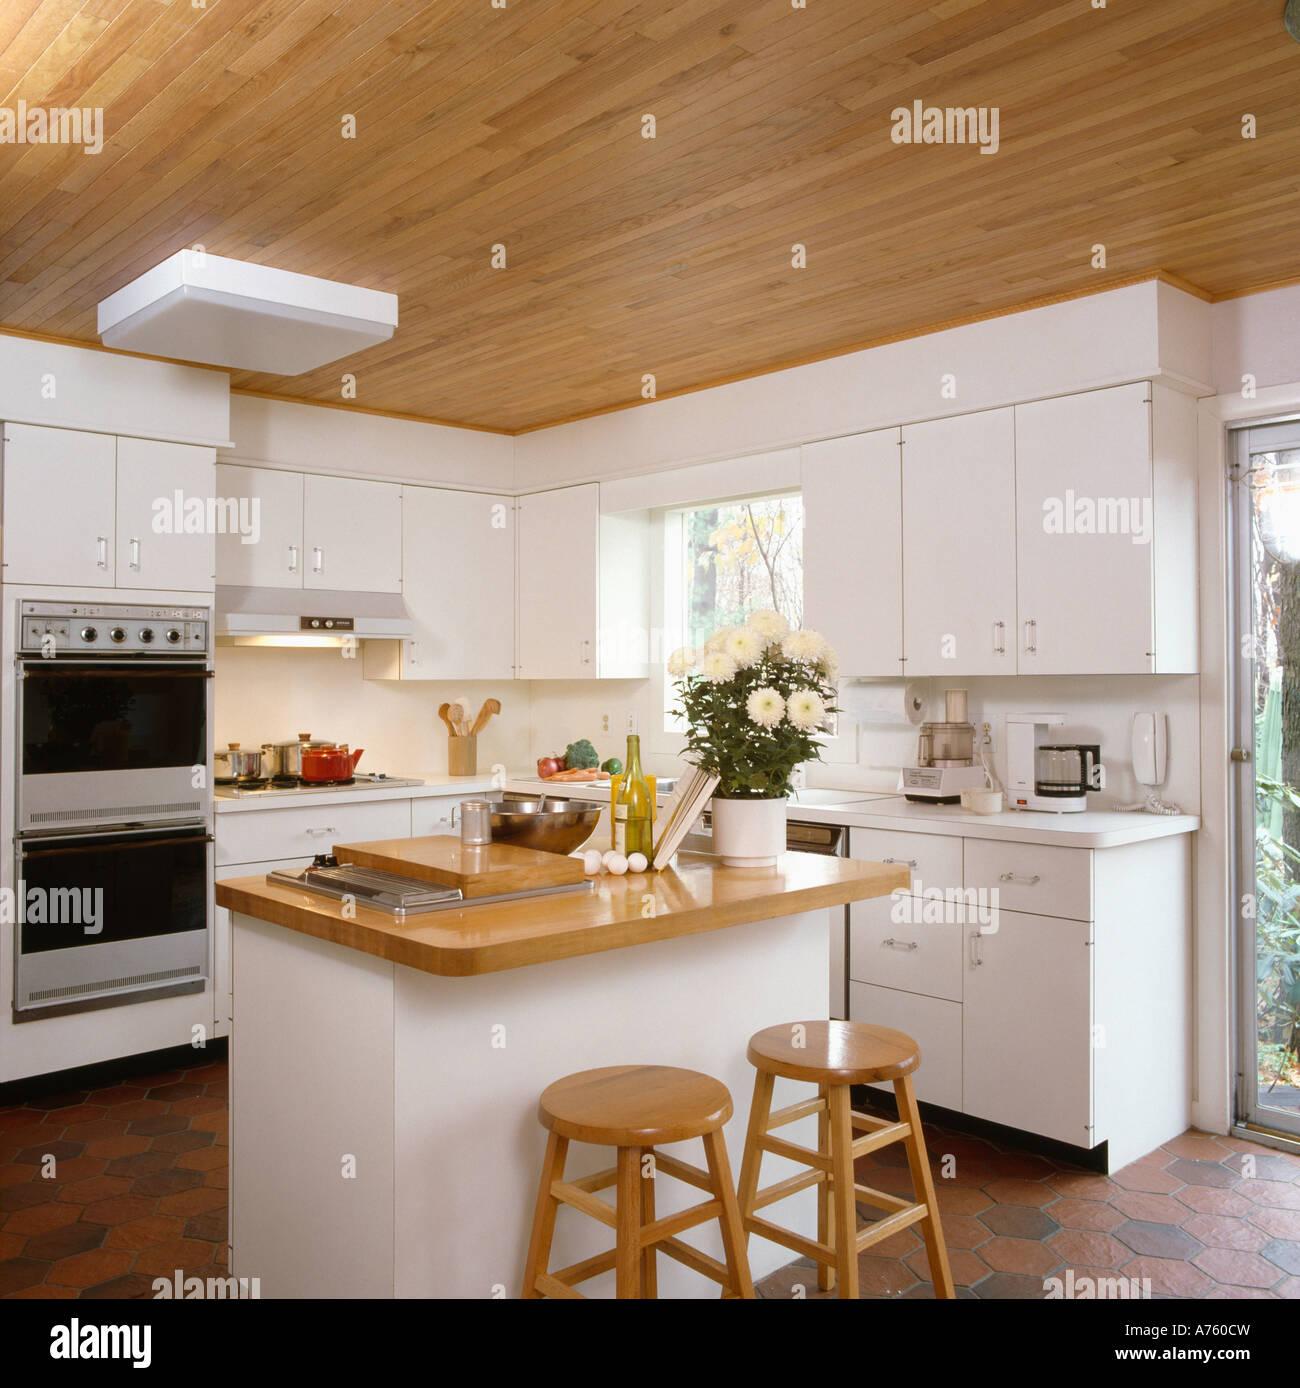 Techo de madera en la moderna cocina con isla unidad blanca